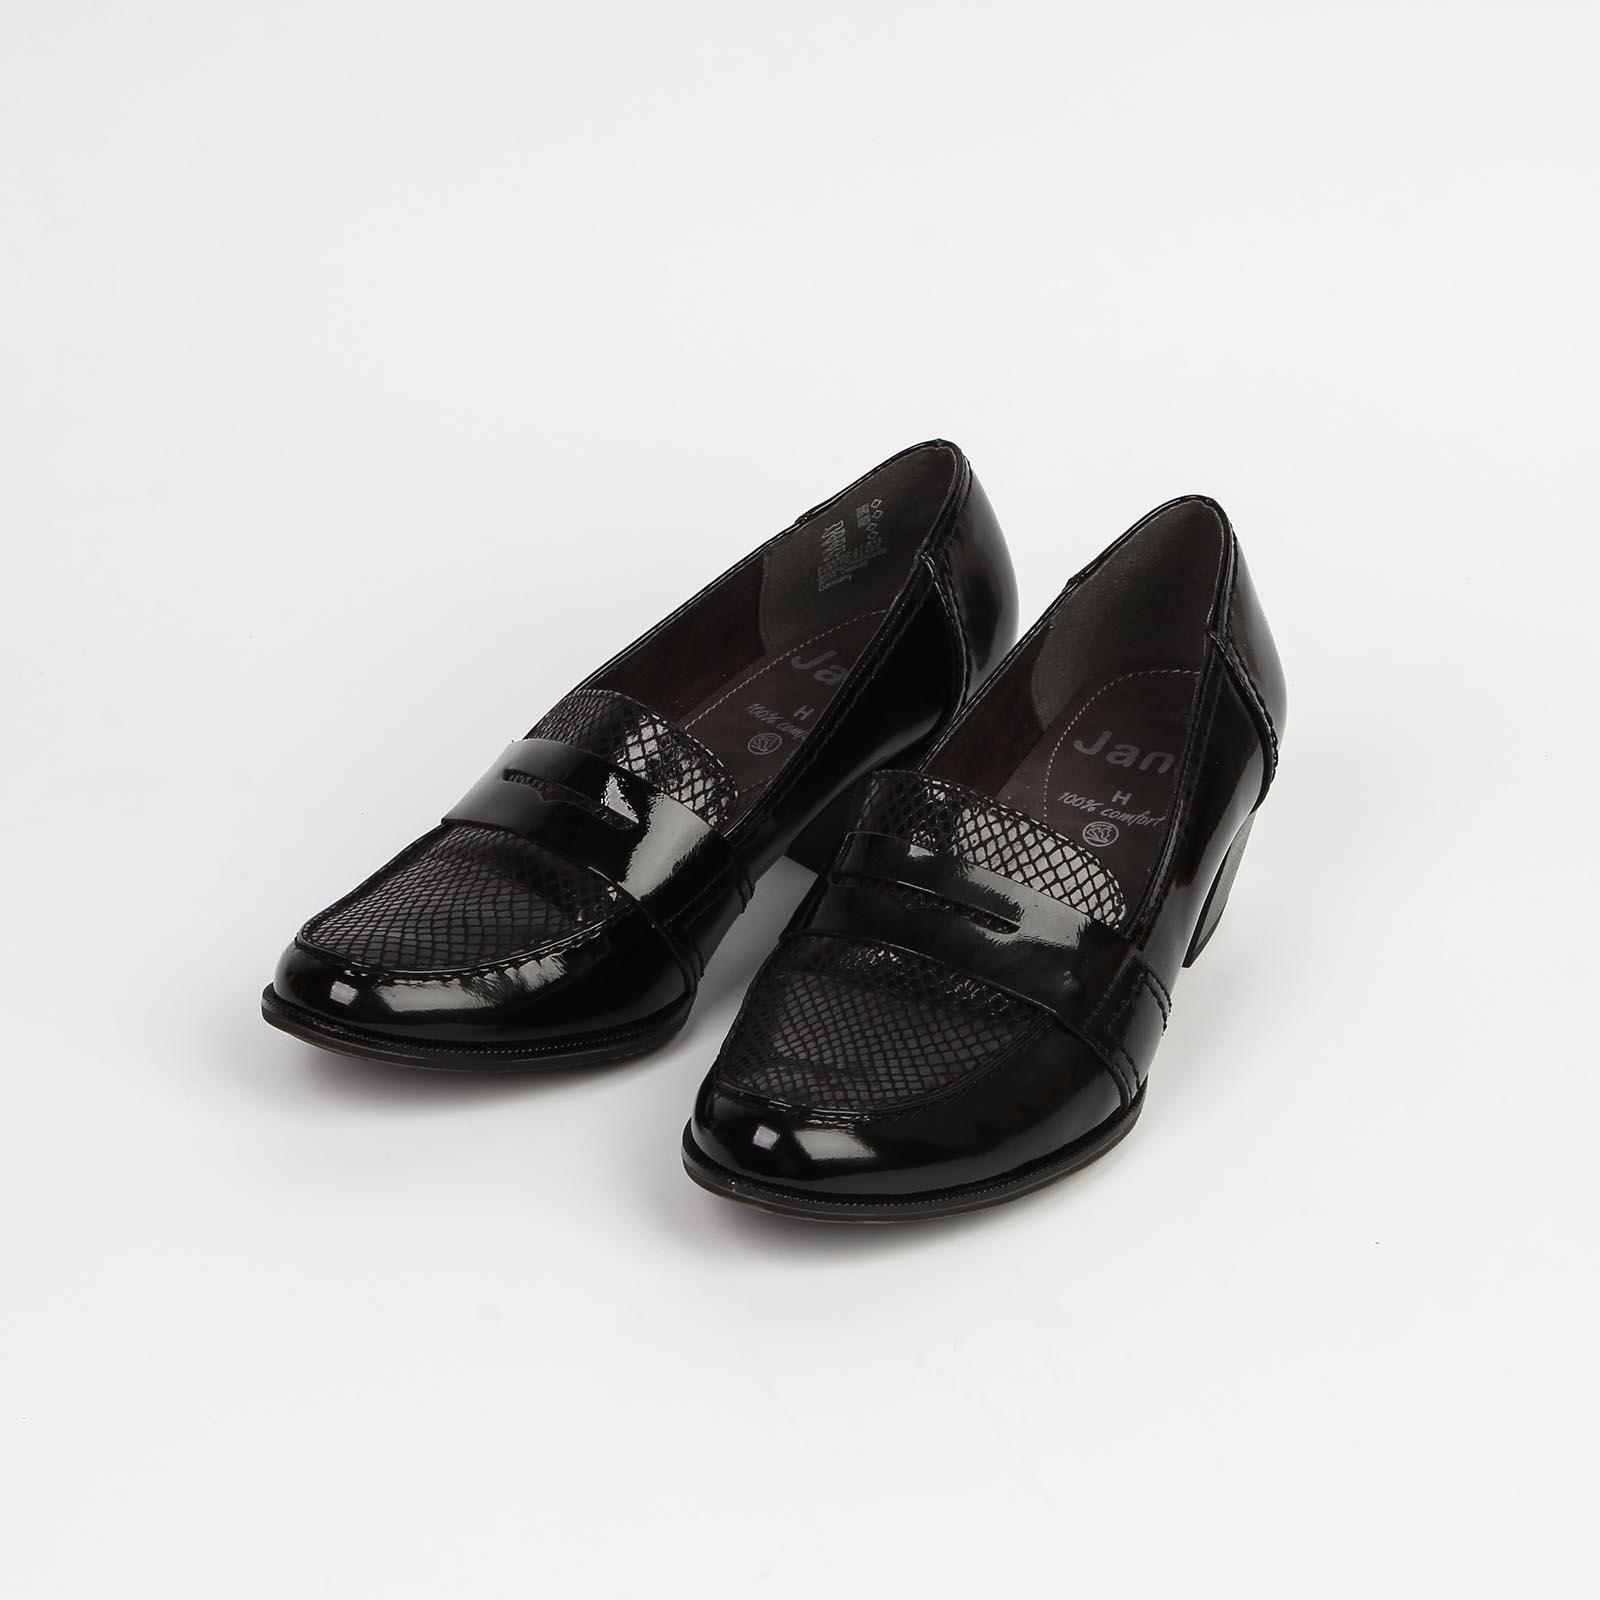 Туфли женские со вставкой под «рептилию»